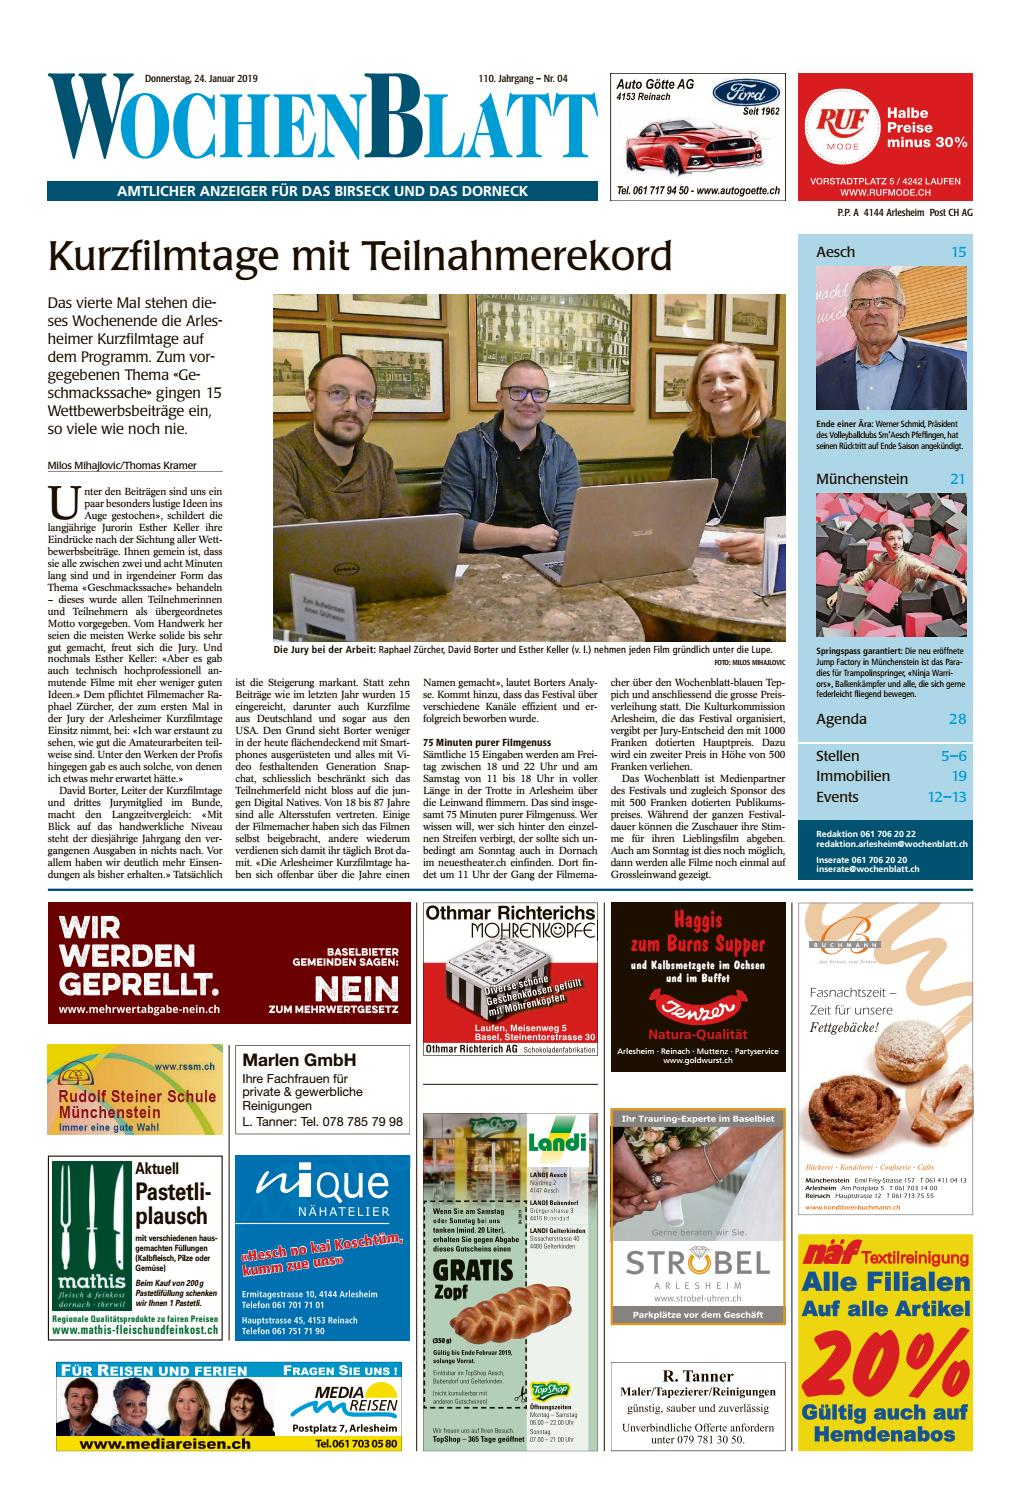 Singlebrse Fllinsdorf, Partnersuche in Morrens VD